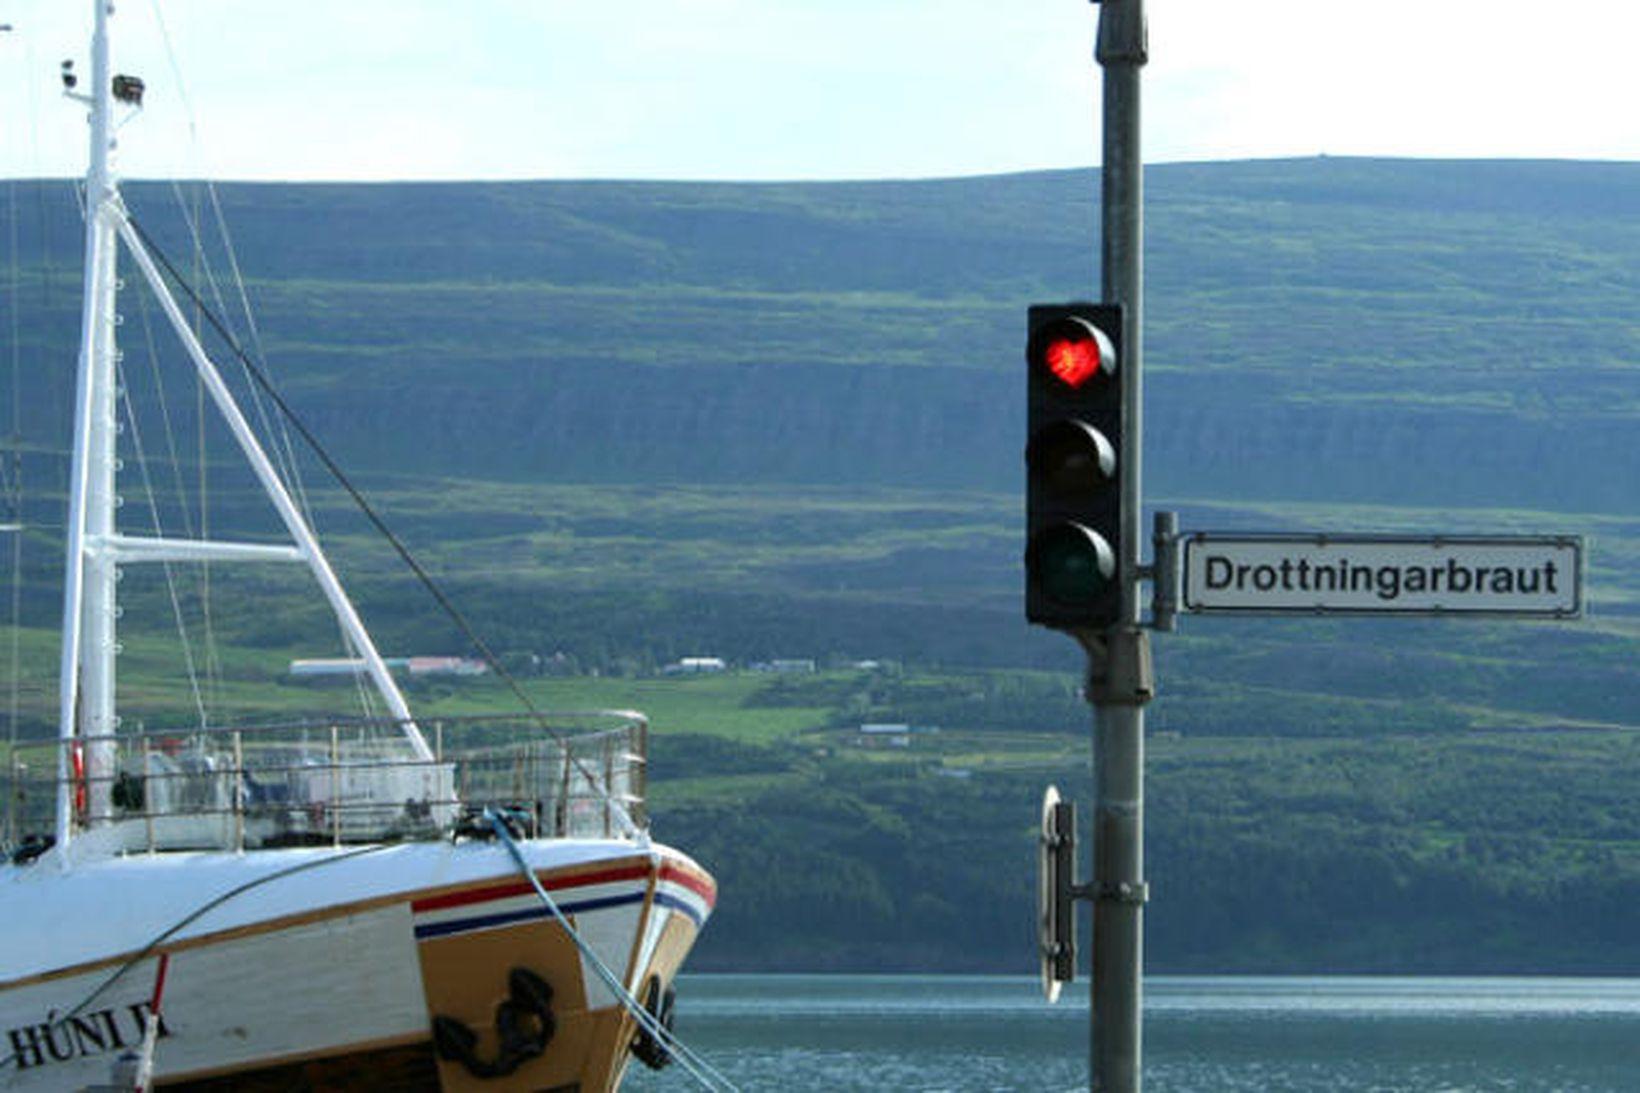 Vingjarnlegustu götuvita landsins er að finna á Akureyri.